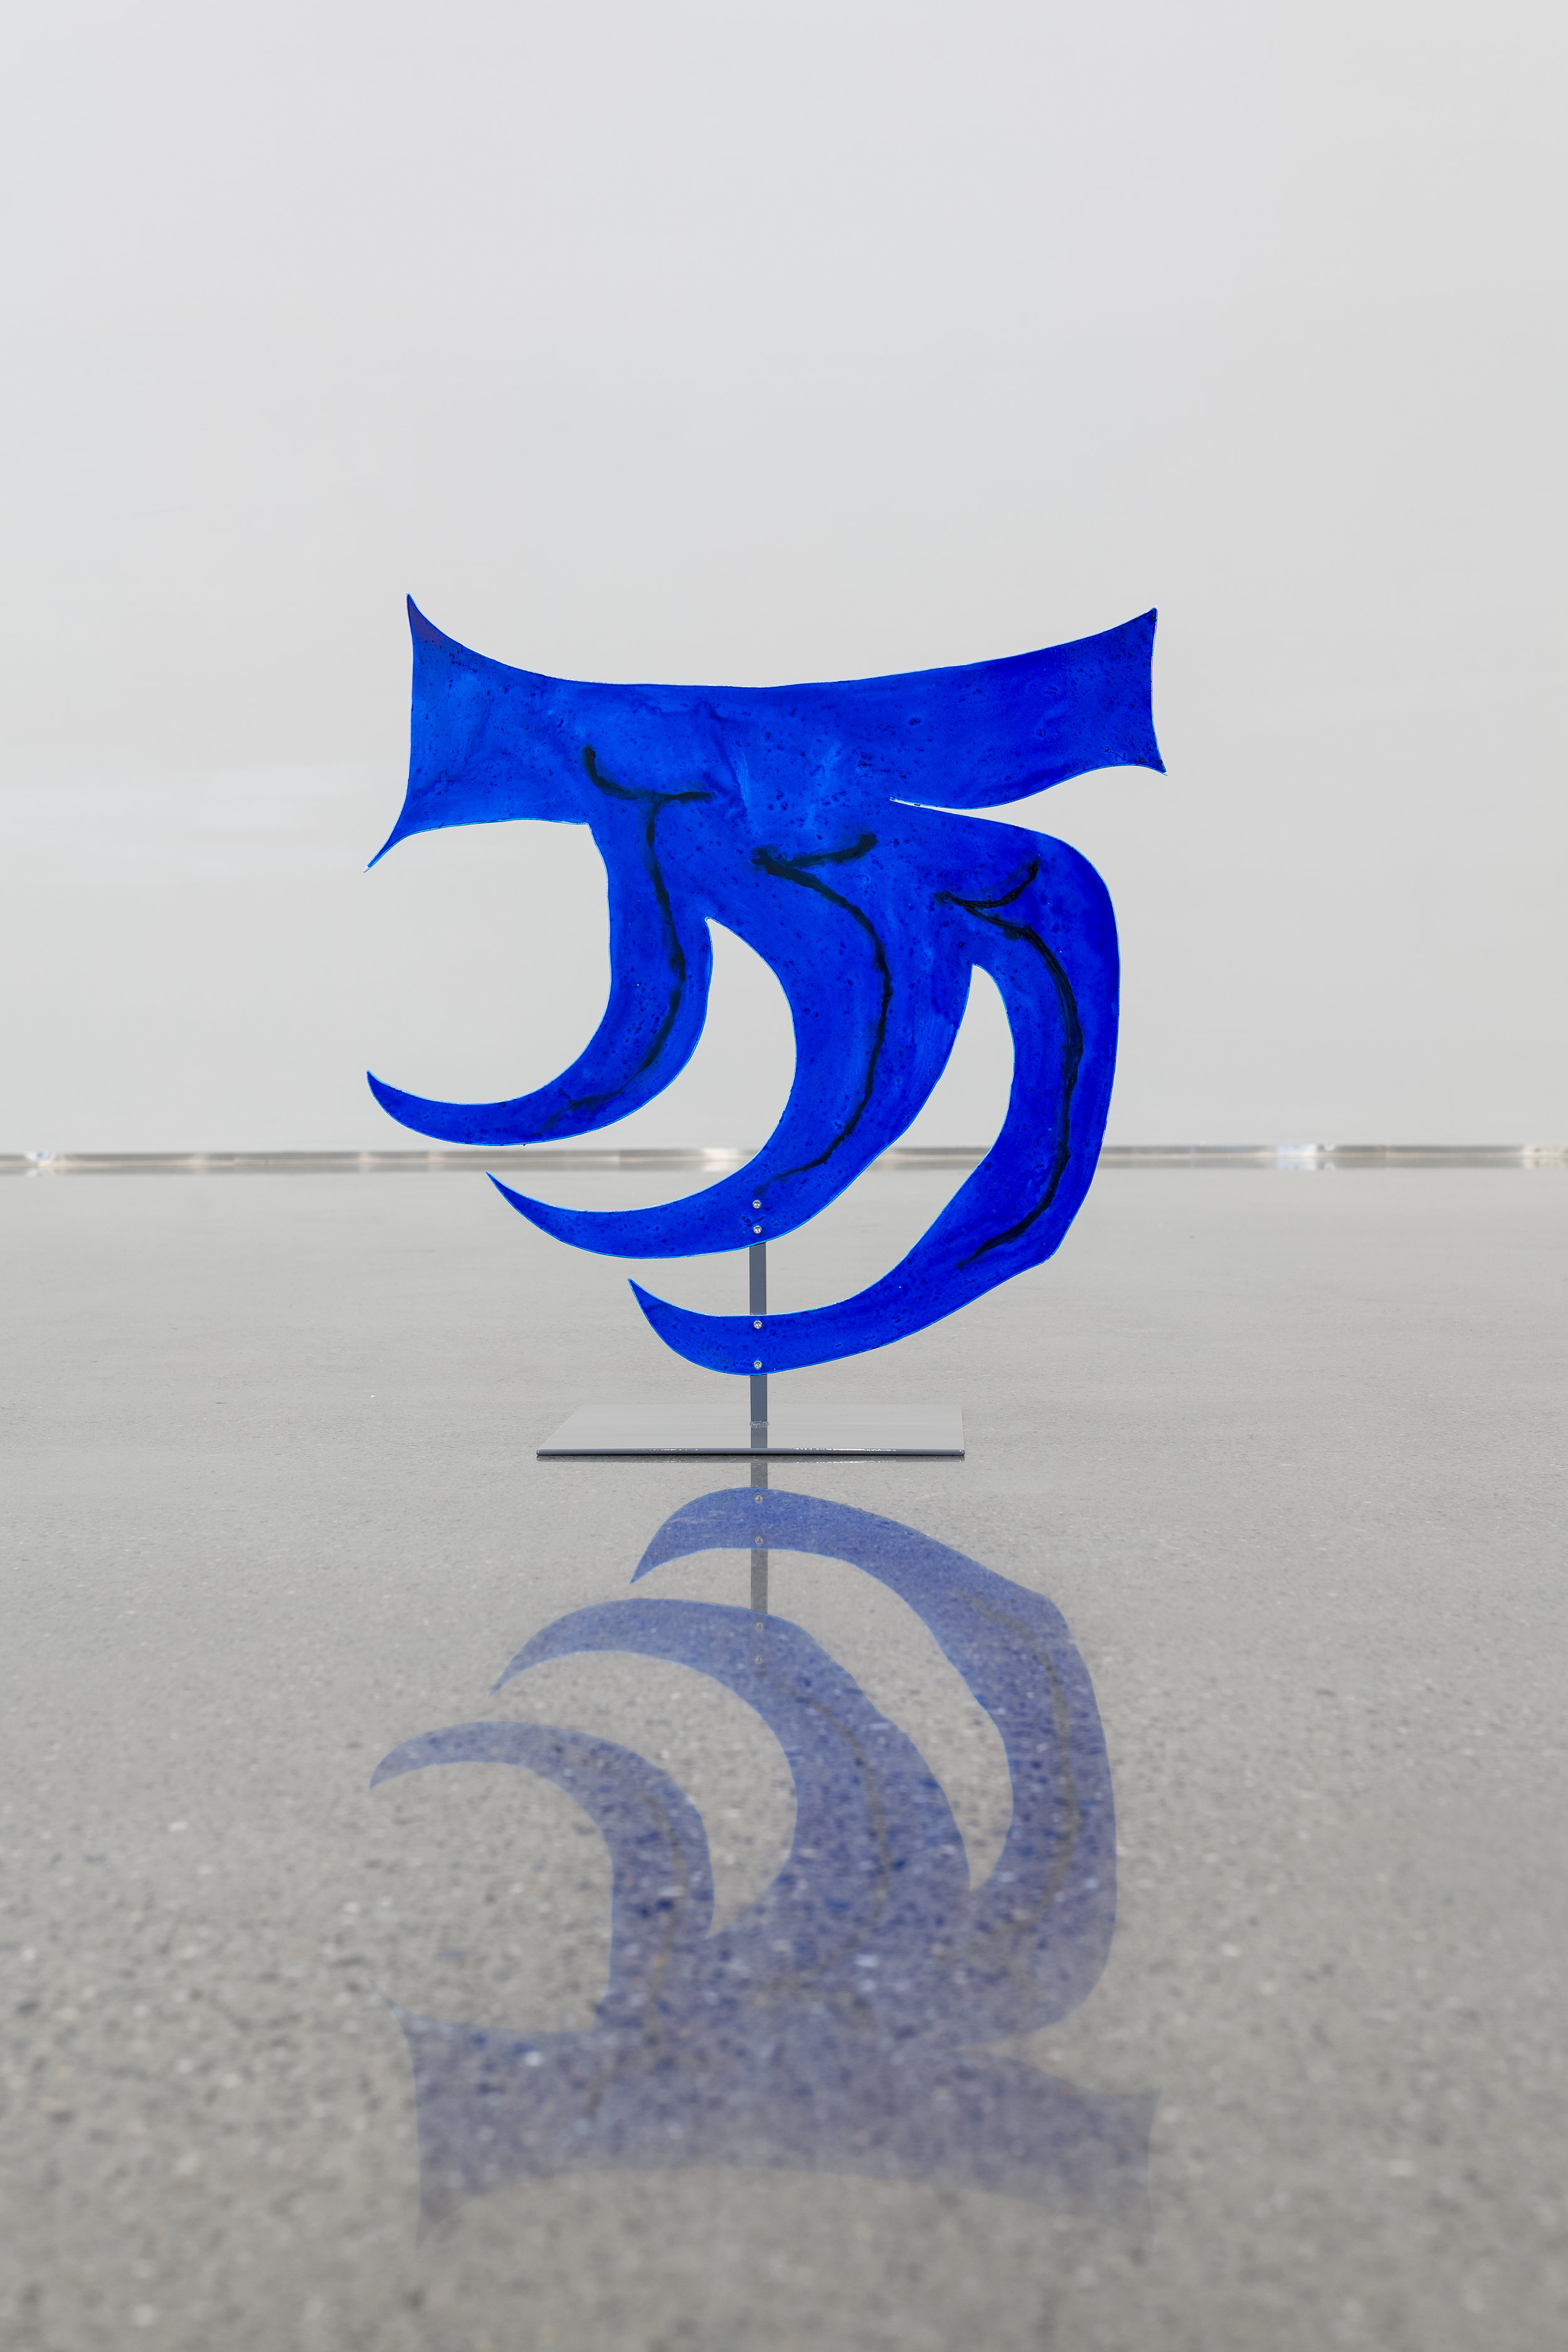 Blått Skjell, 2019    Acrylic on aluminum